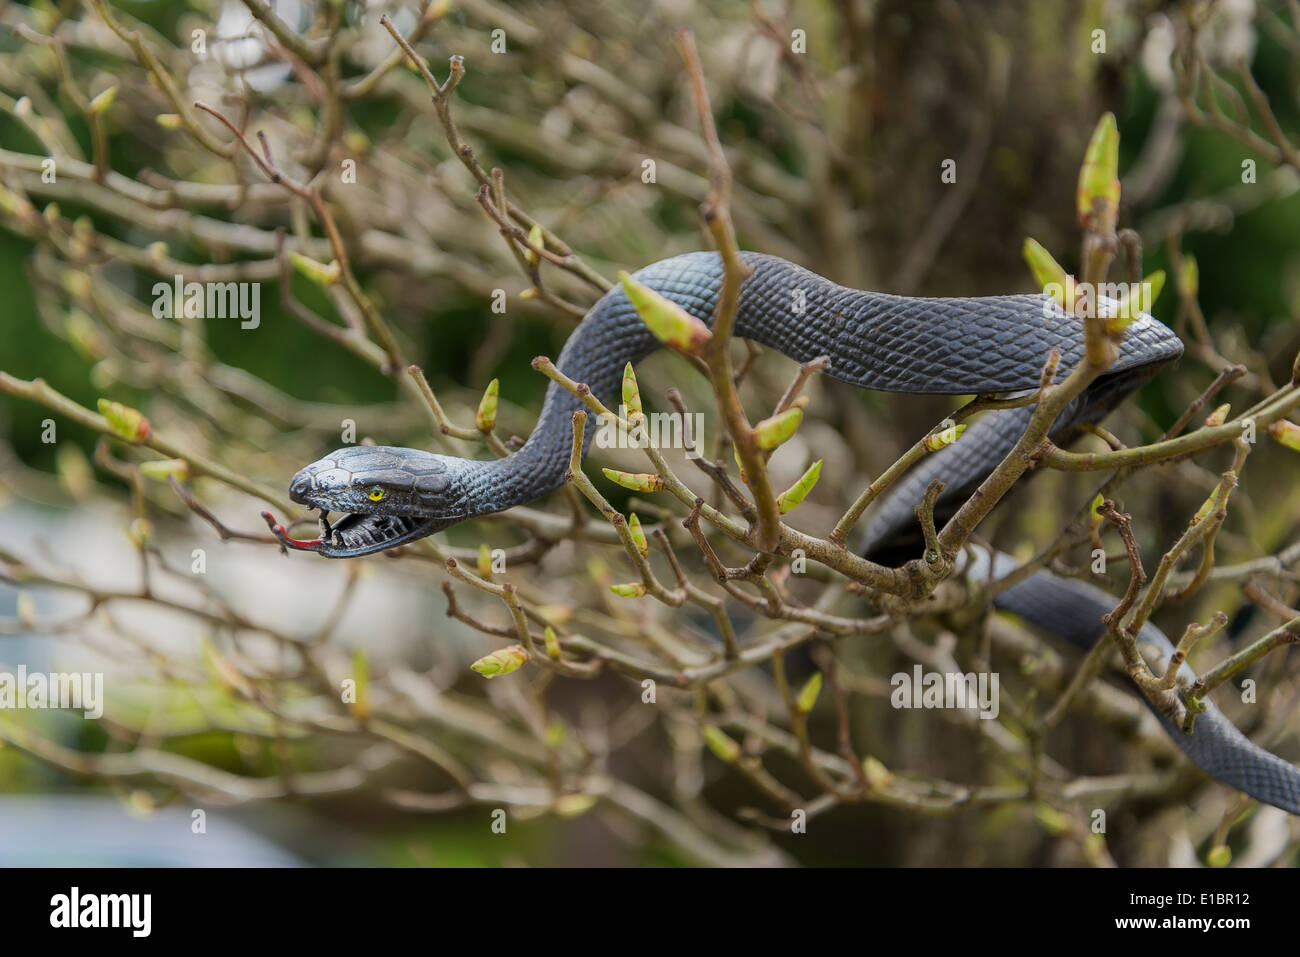 Serpente di plastica nella struttura ad albero Immagini Stock